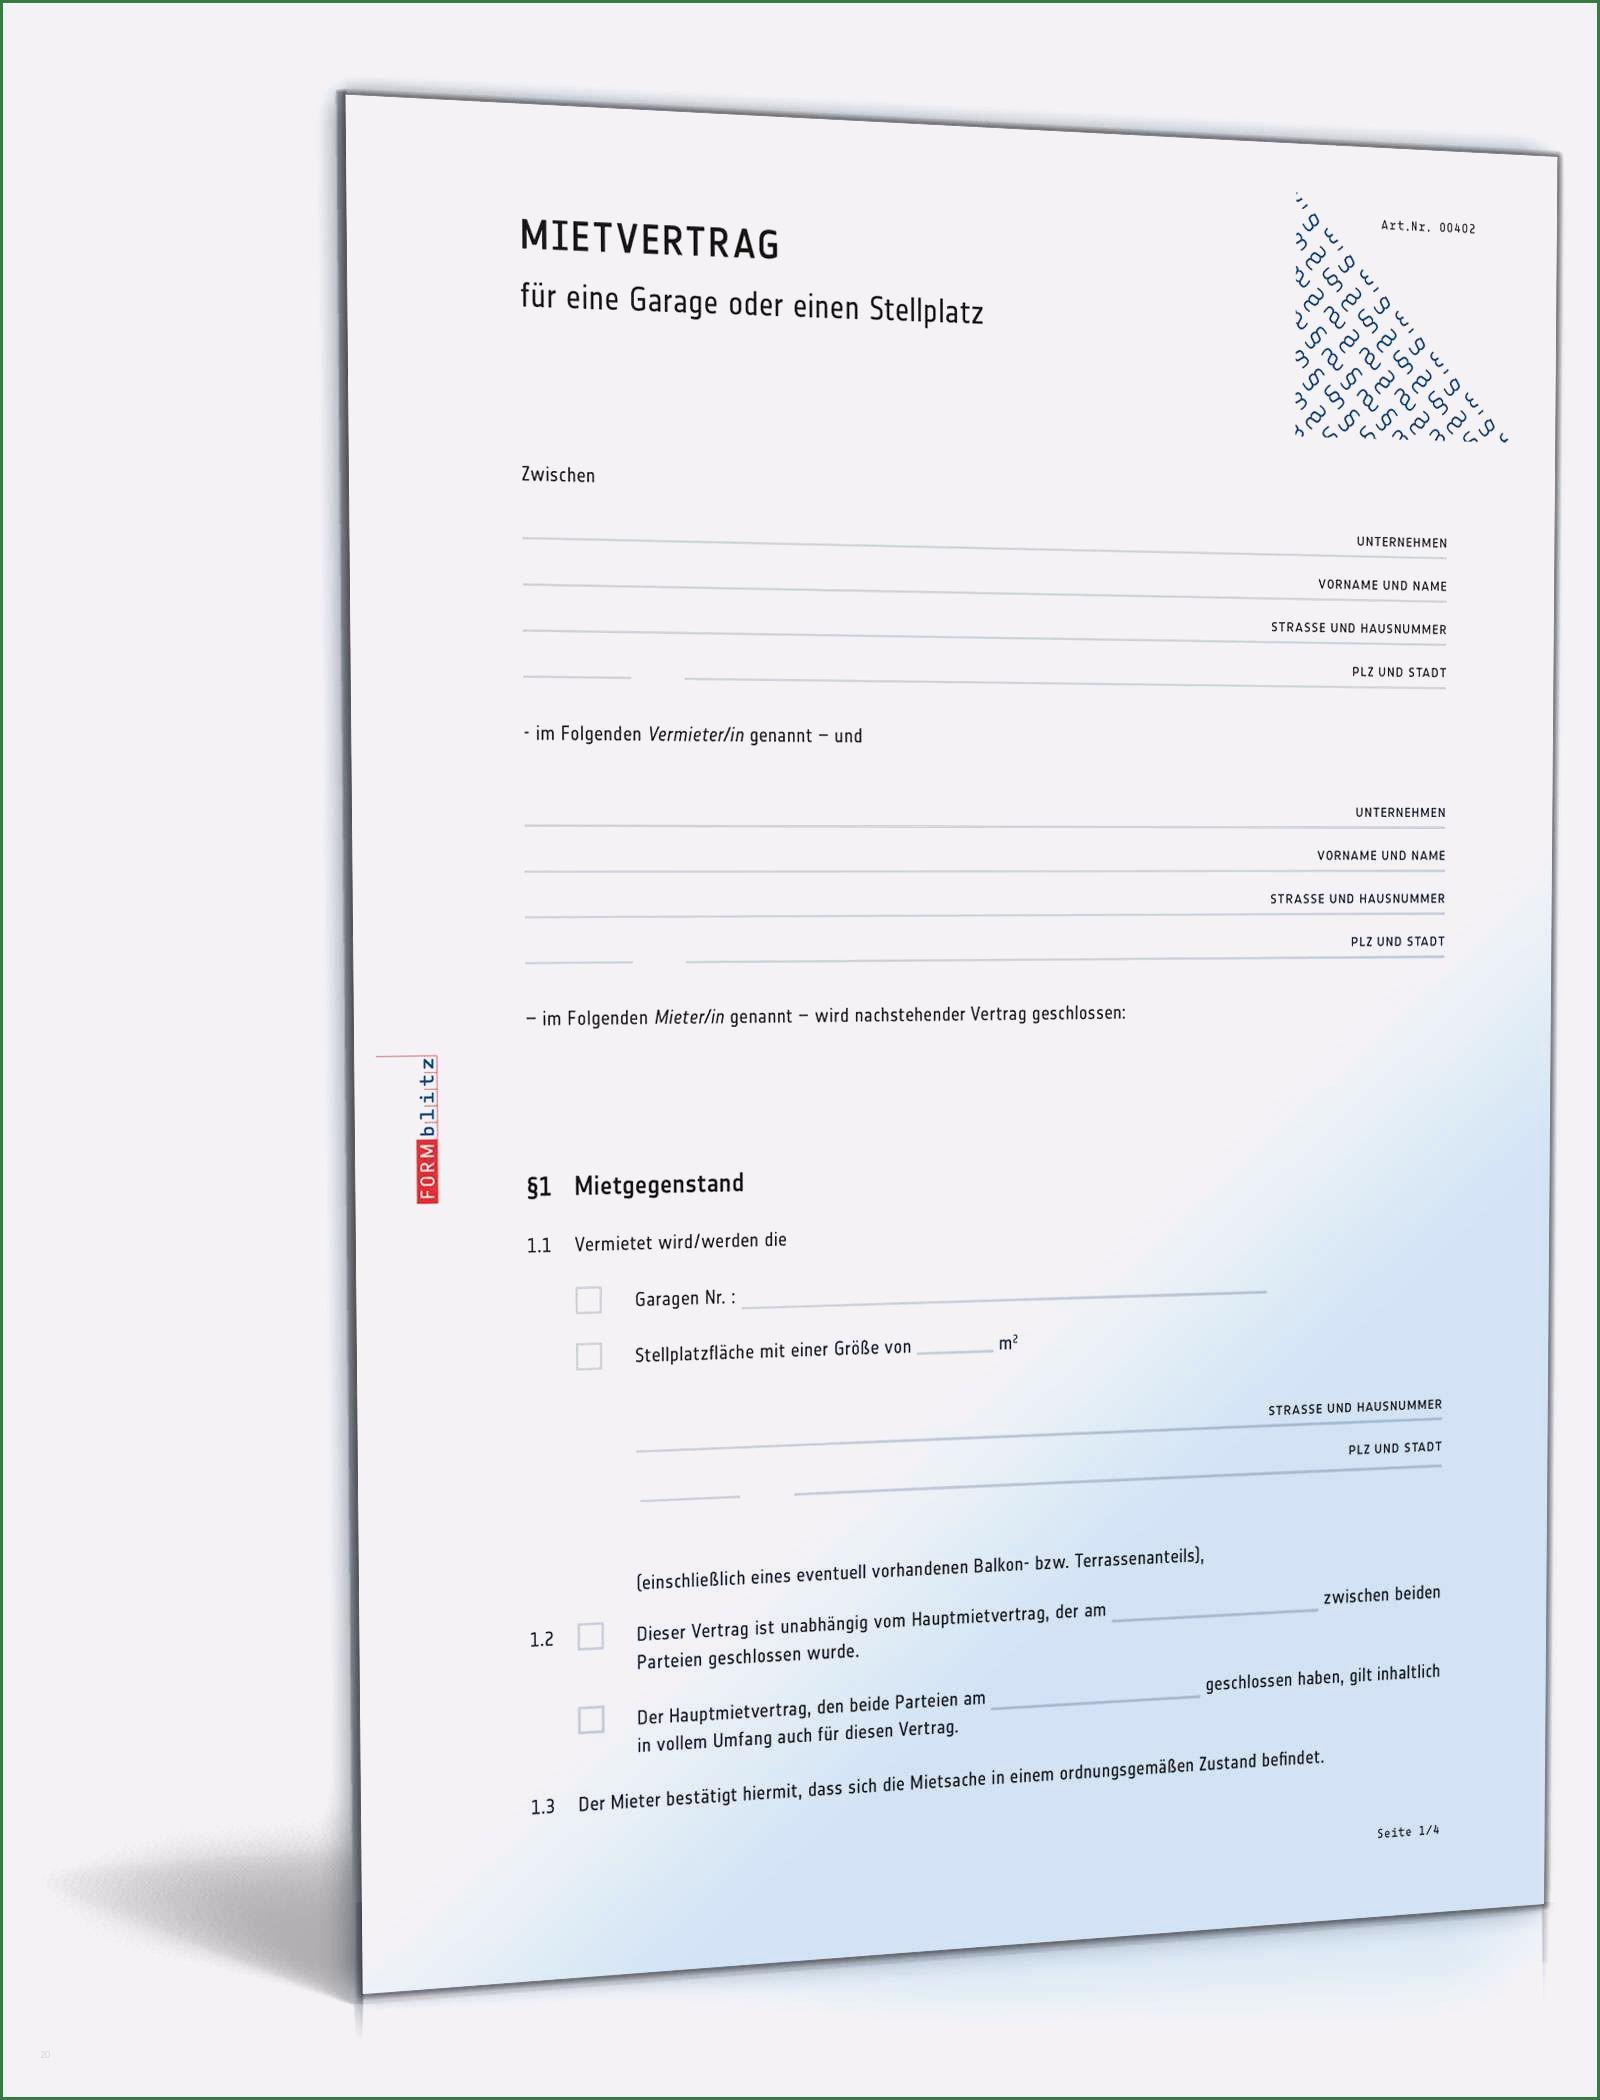 14 Wunderbar Mietvertrag Stellplatz Vorlage Von 2020 Vorlagen Word Vorlagen Excel Vorlage